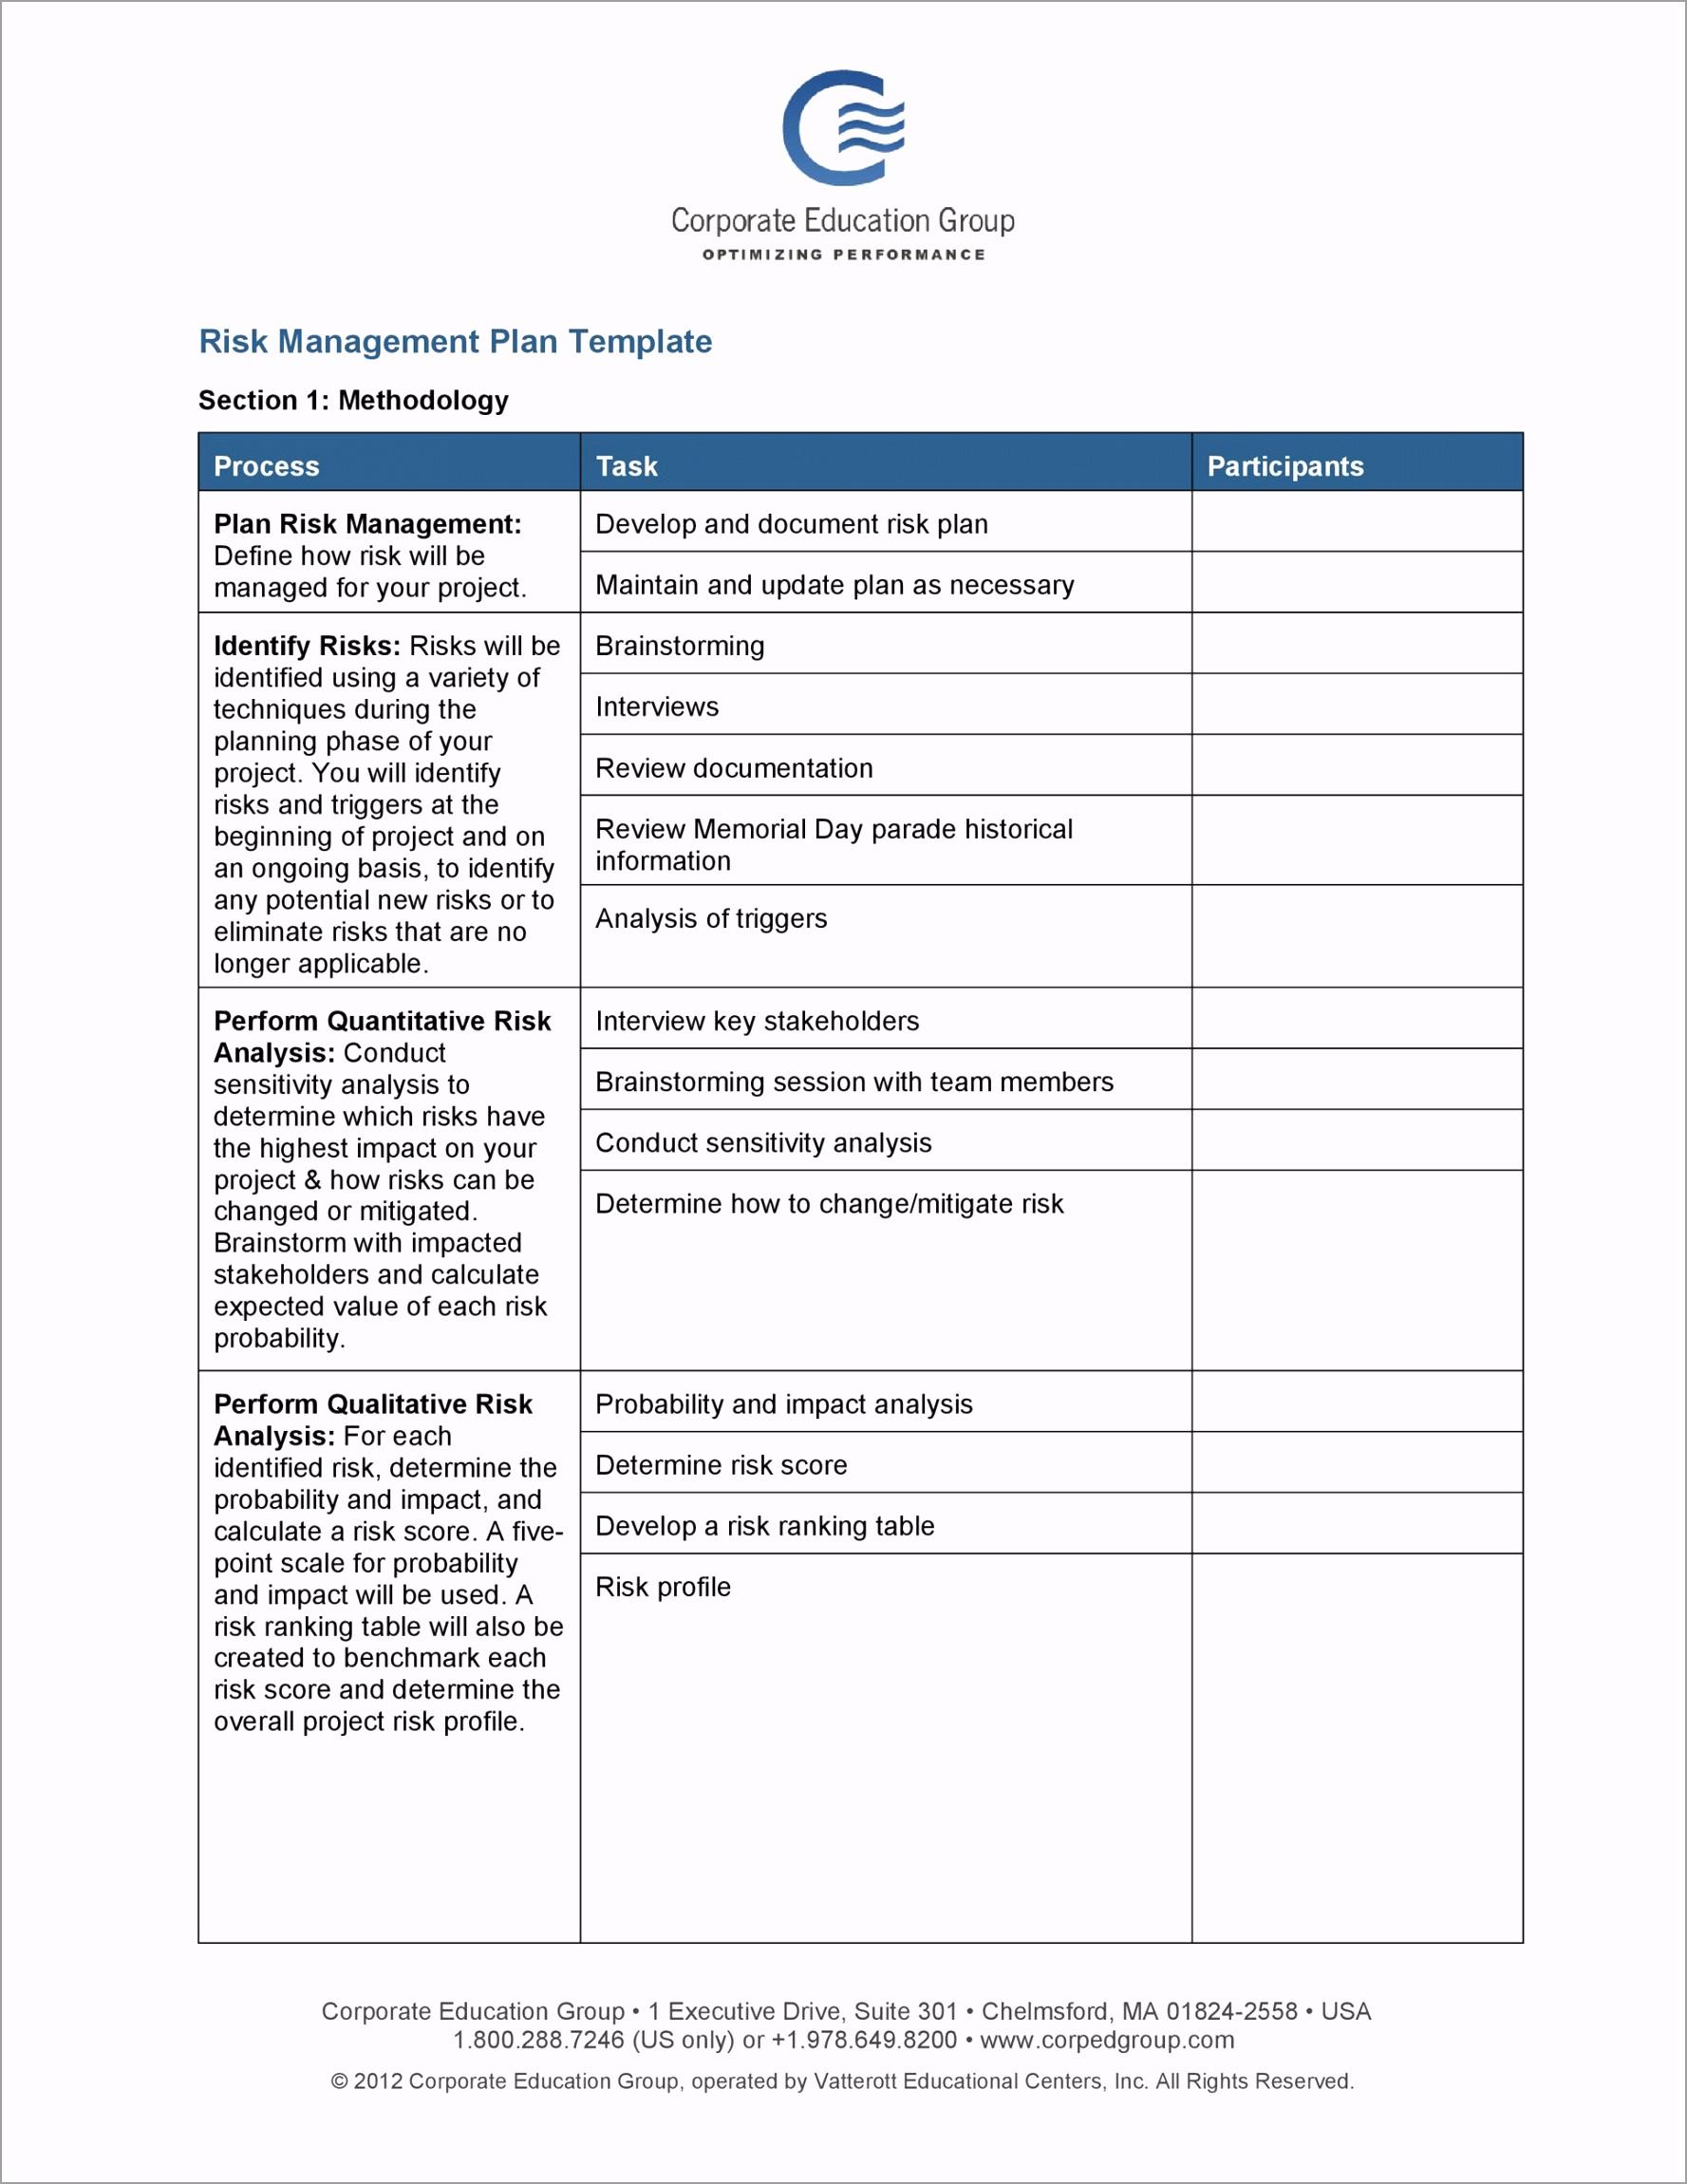 Risk Analysis Template 18 iatai